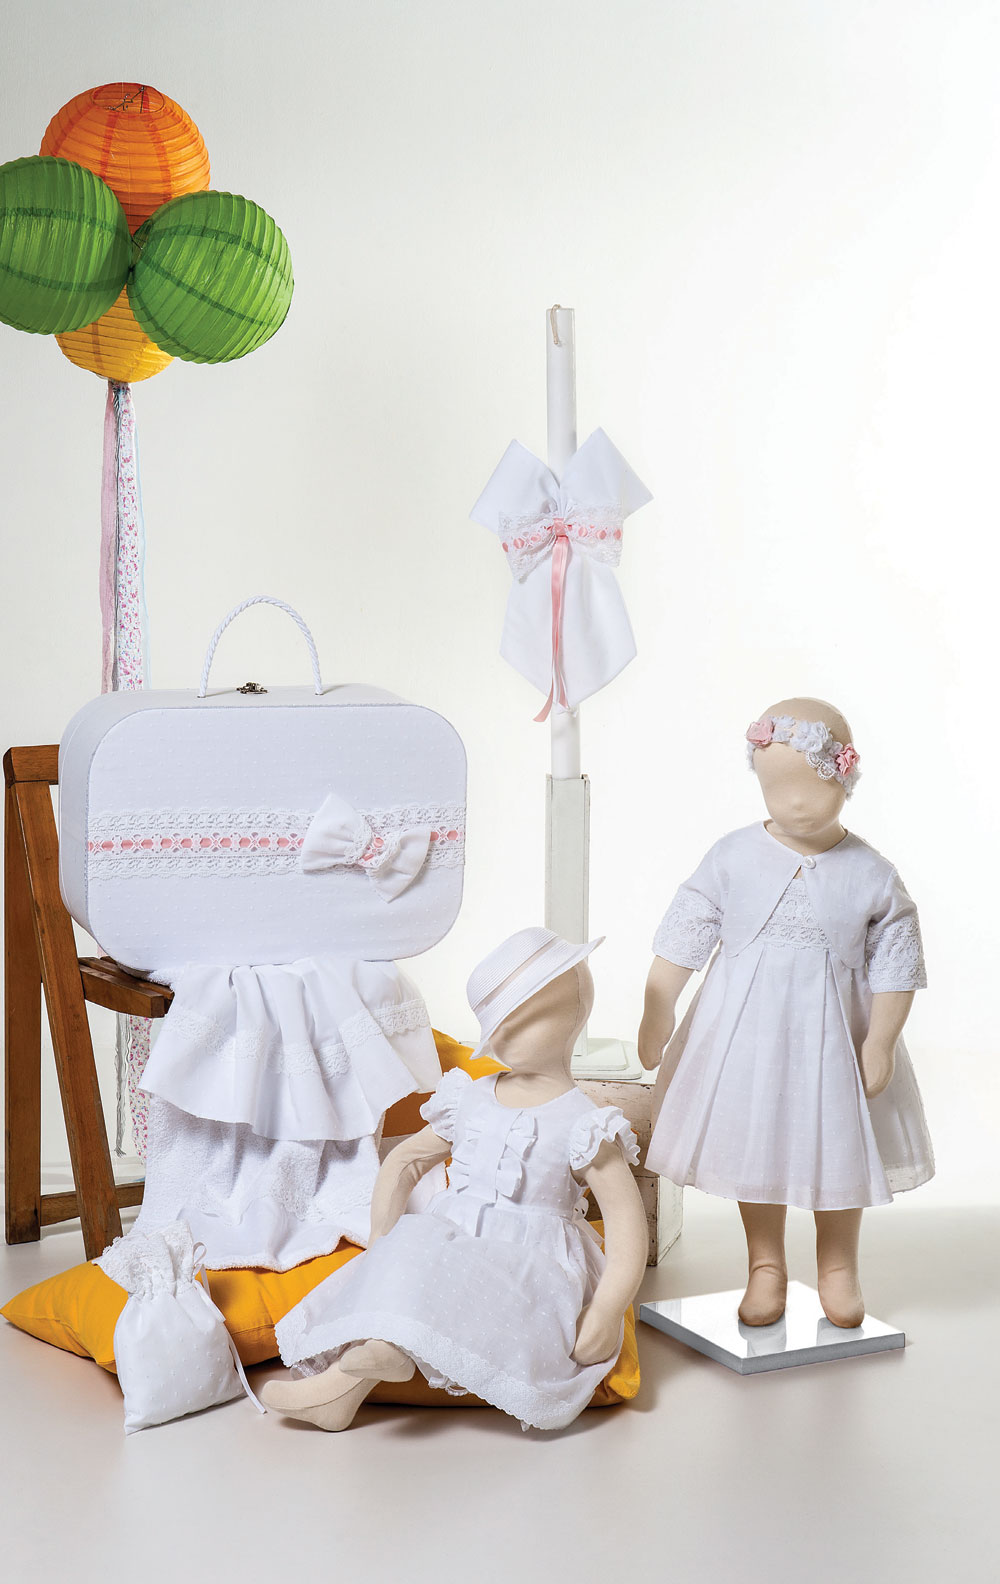 1425 φορεματάκι μπροντερί πουά με δυο φιόγκους 1422 φορεματάκι μπροντερί λευκό κεντητό πουά